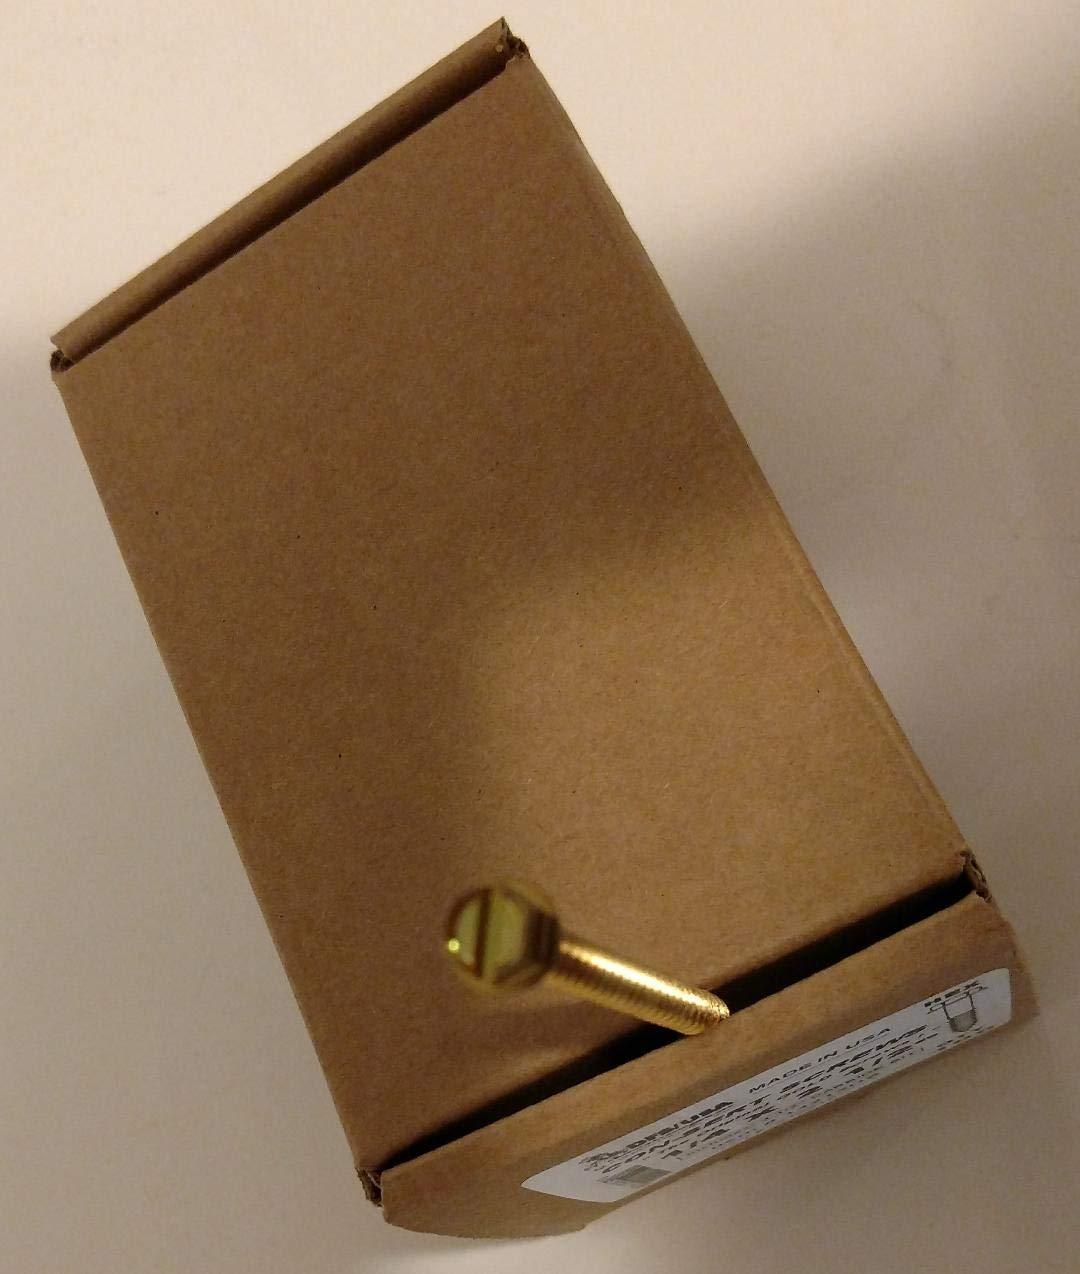 Masonry Screw w/Bit, 1/4x2-1/2 in, PK100